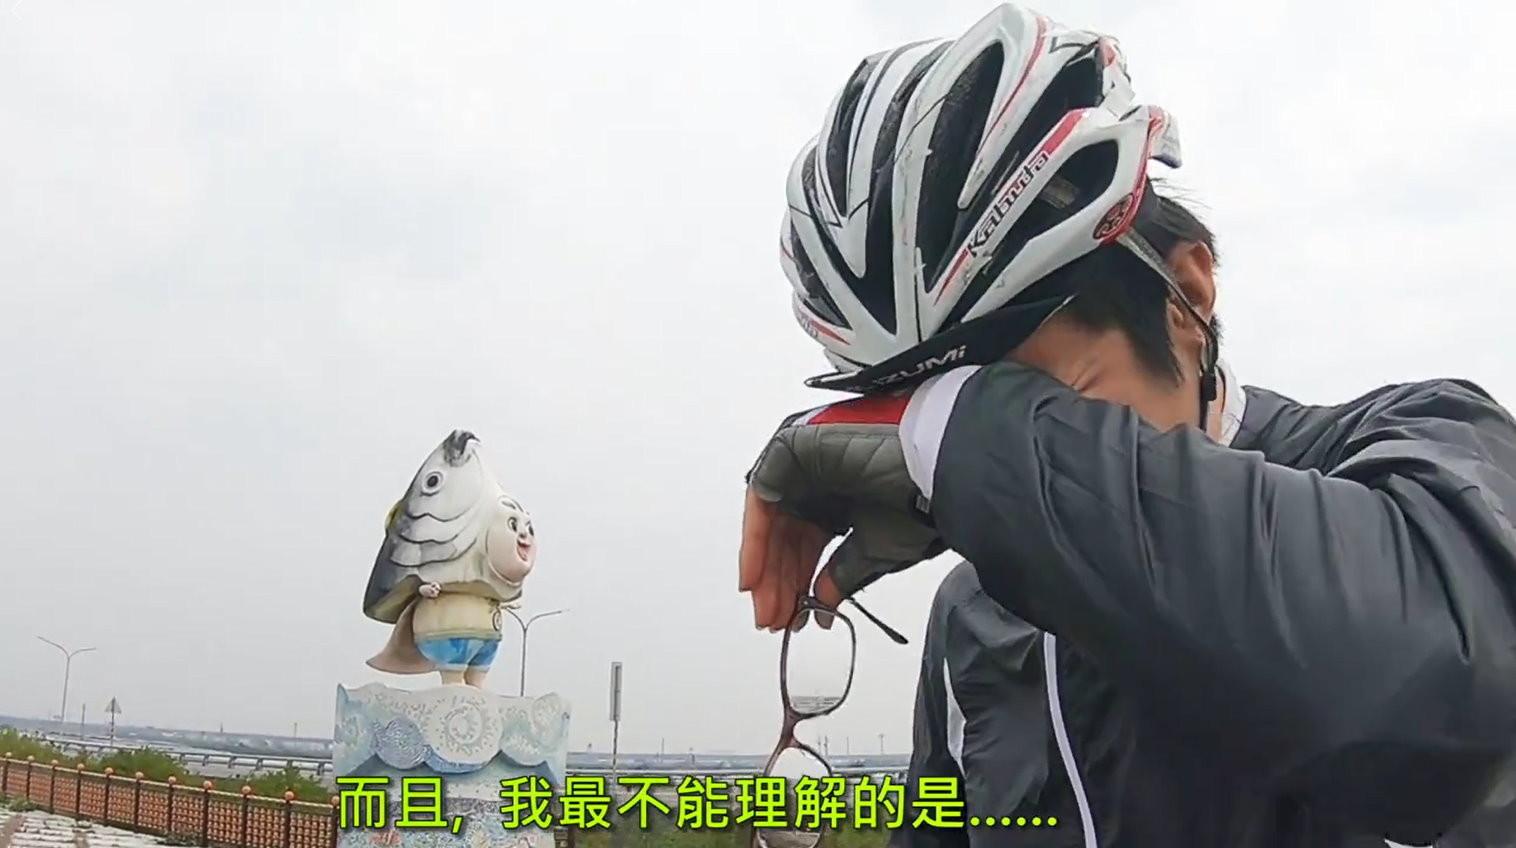 「虱目魚小子」。(圖/翻攝「色色的日本人的歐吉桑」臉書)